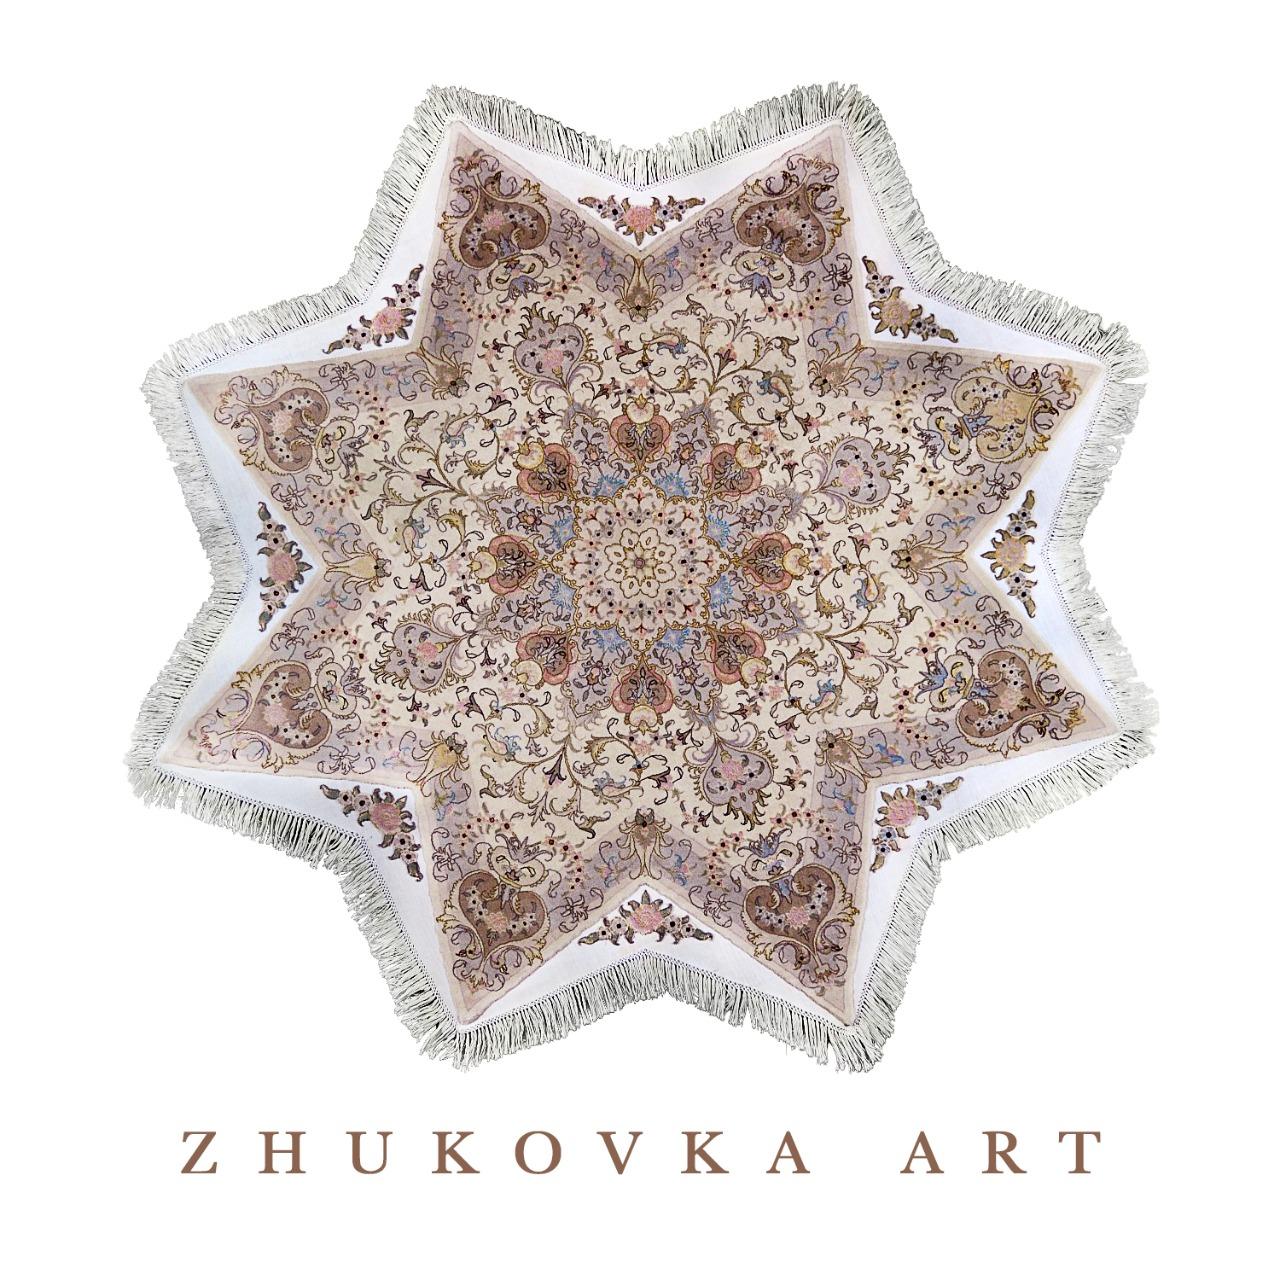 Персидский ковер ручной работы. Галерея искусств «Жуковка АРТ»